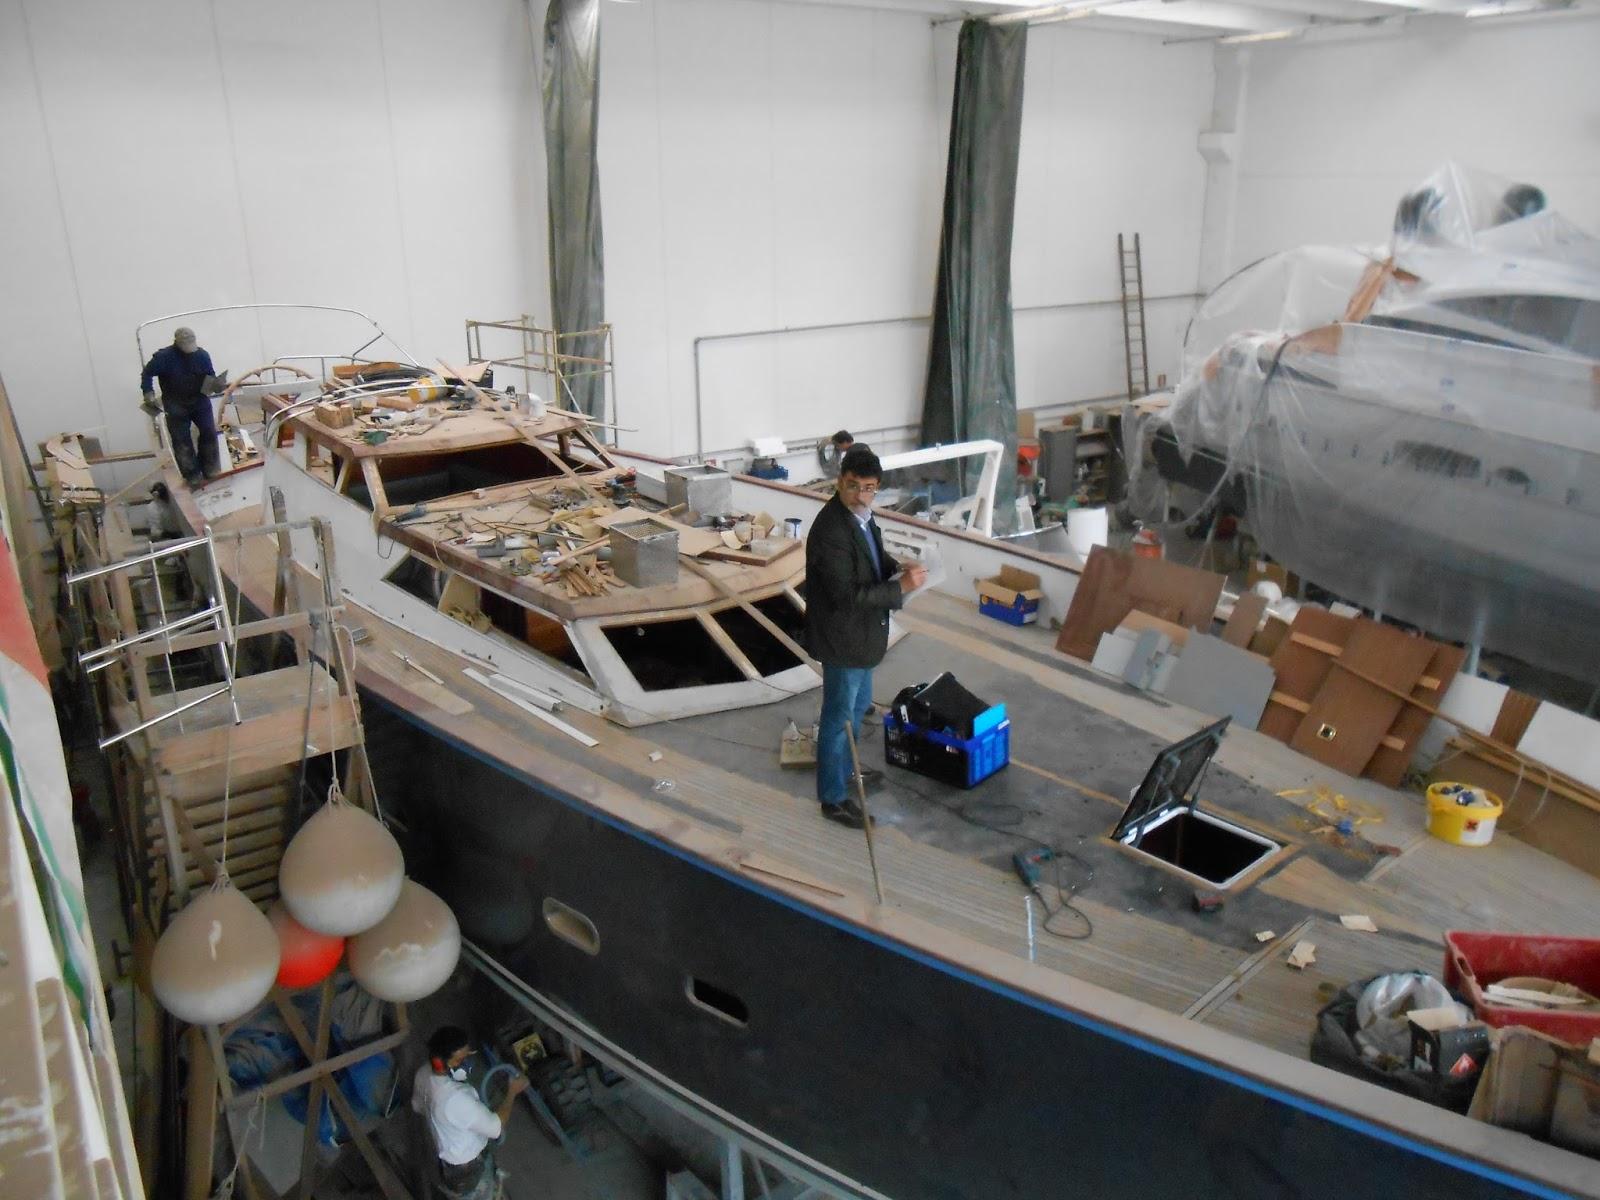 Libreria internazionale il mare: un ente navale europeo per